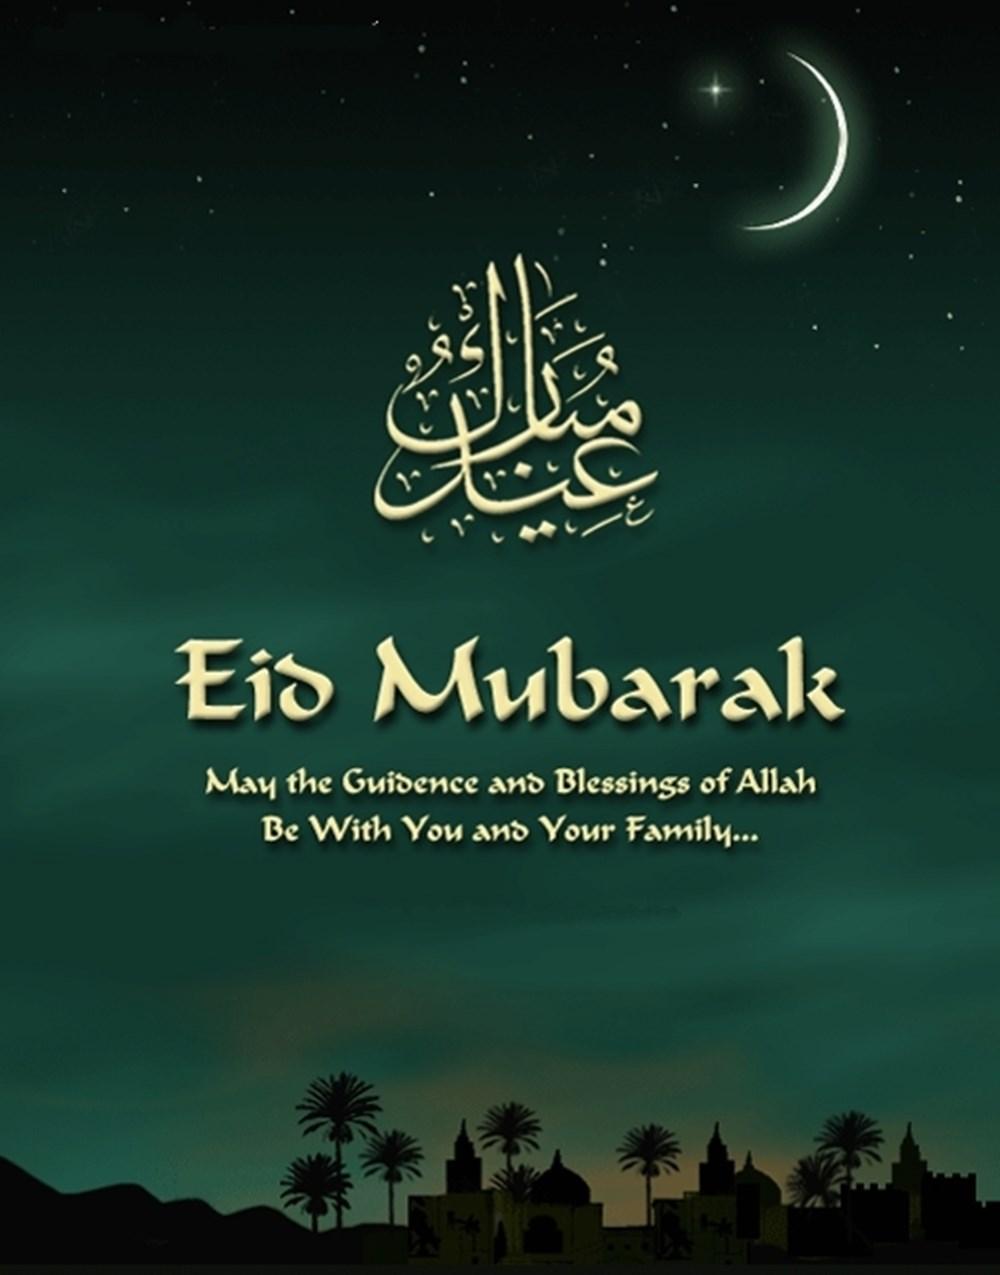 Popular Eid Mubarak Greetings Cards Most Selected Eid Mubarak